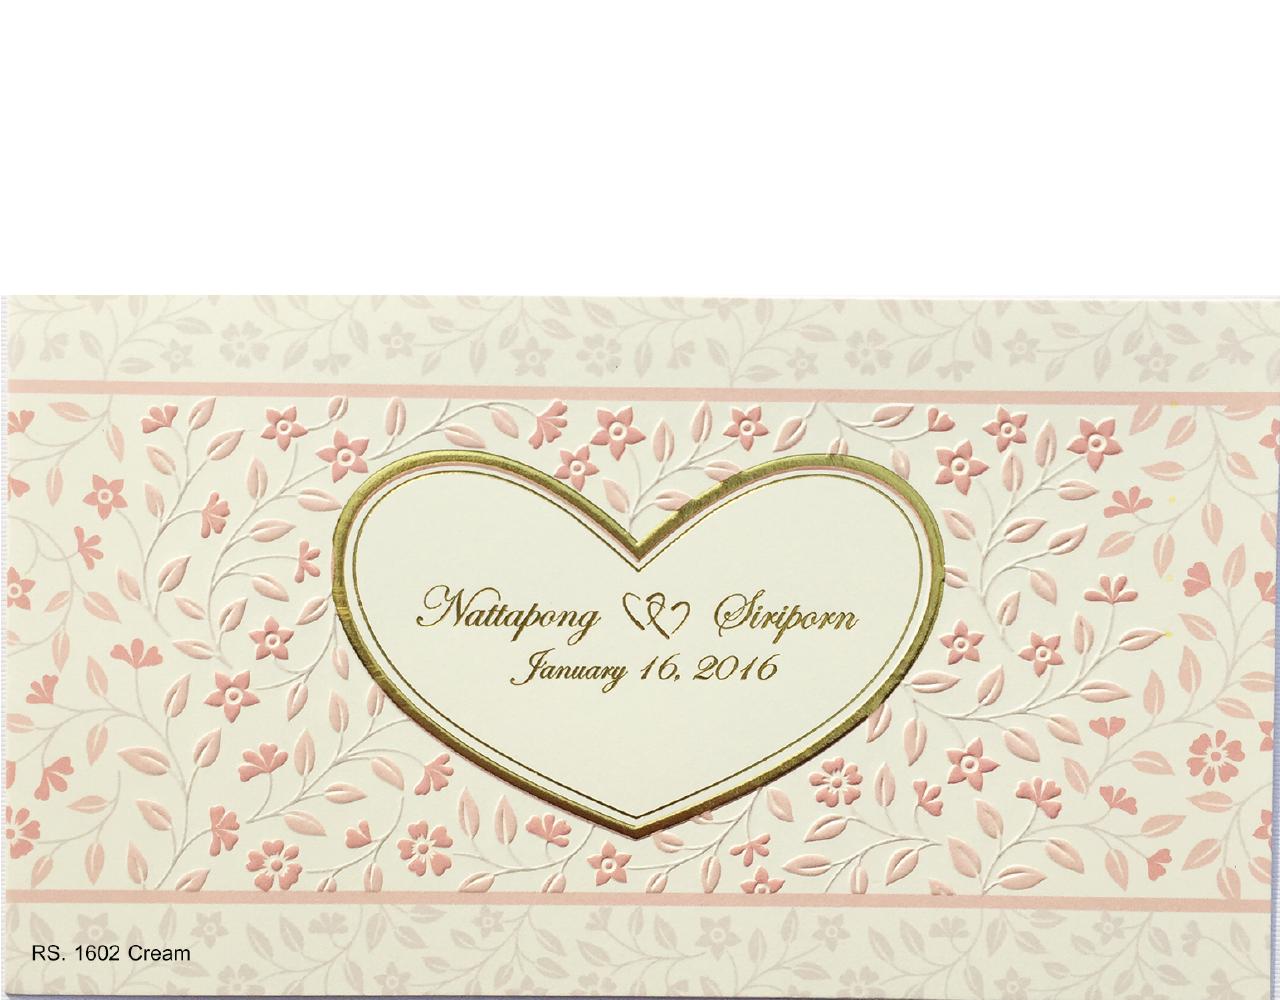 การ์ดแต่งงาน การ์ดเชิญงานแต่ง ราคาไม่ถูกๆ ไม่แพง การ์ดแต่งงาน wedding card 4x7.5 inch RS.1602